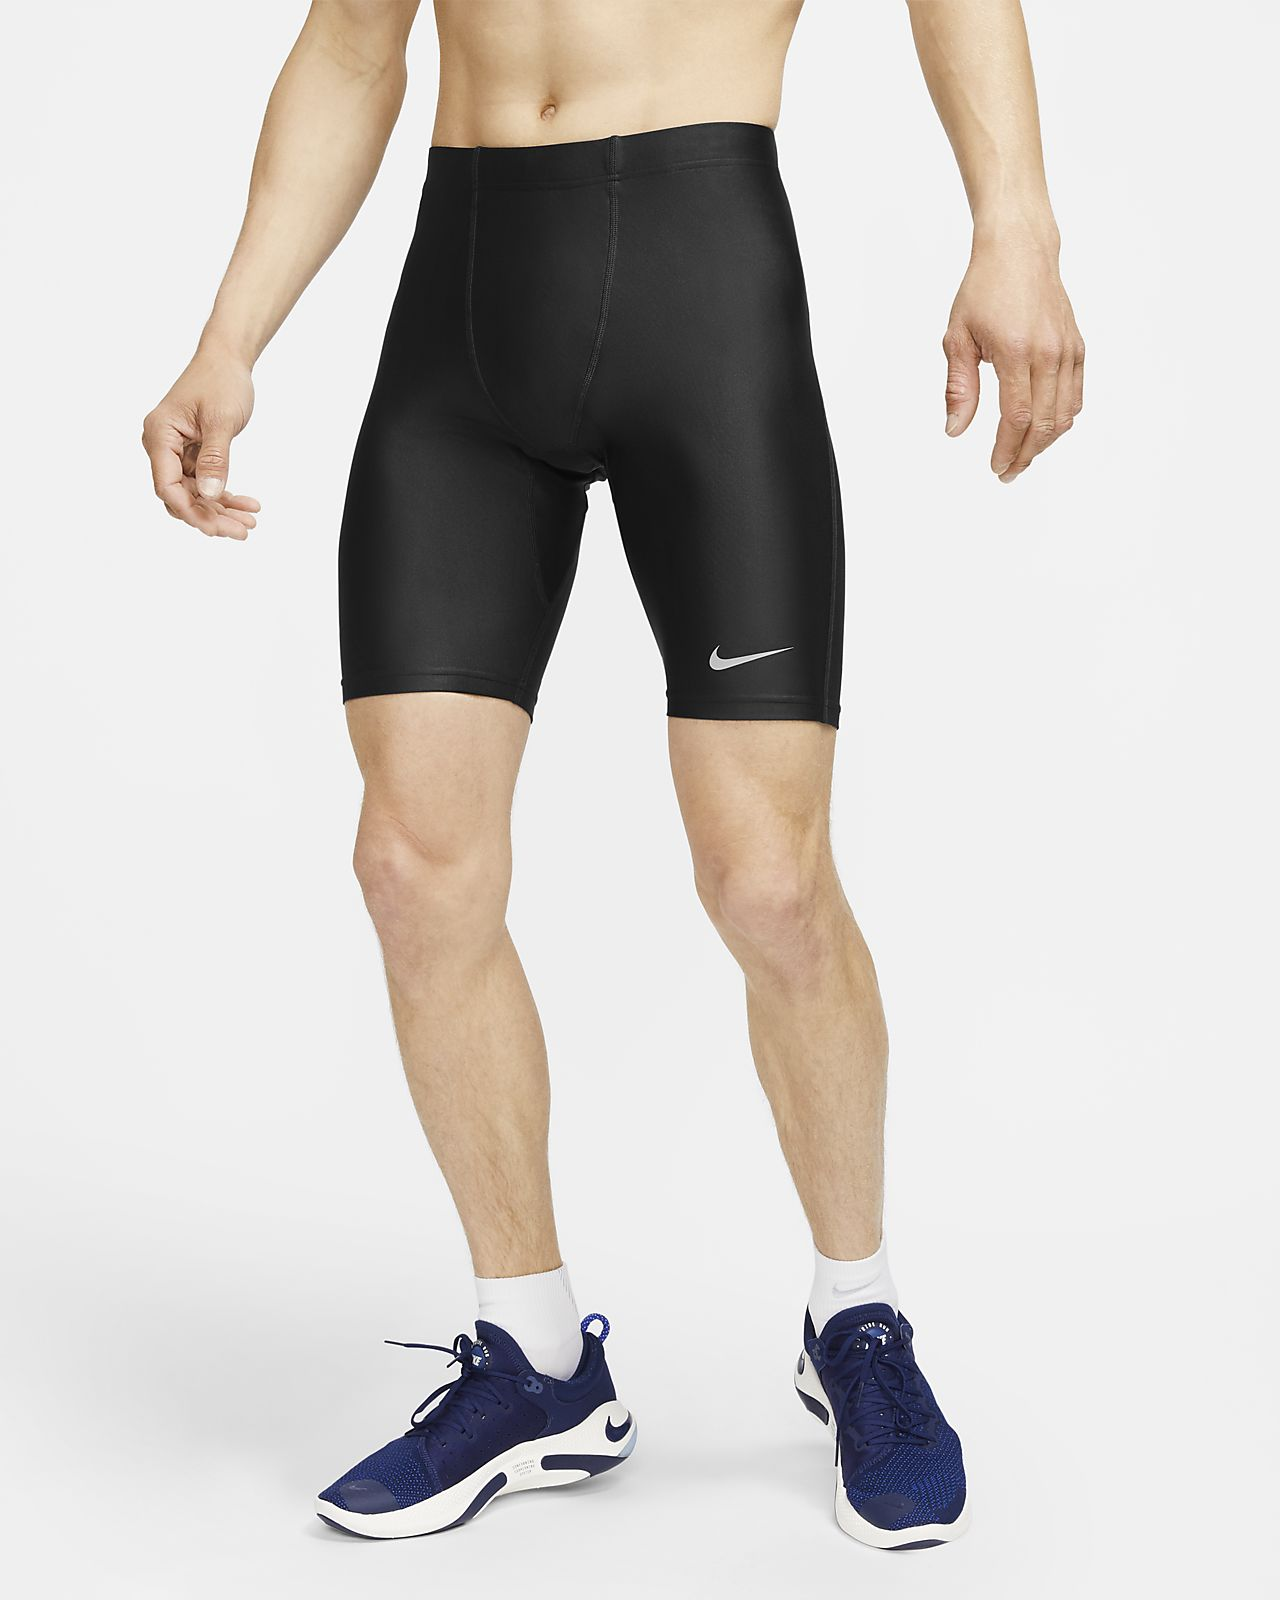 Nike Fast-løbetights i halv længde til mænd